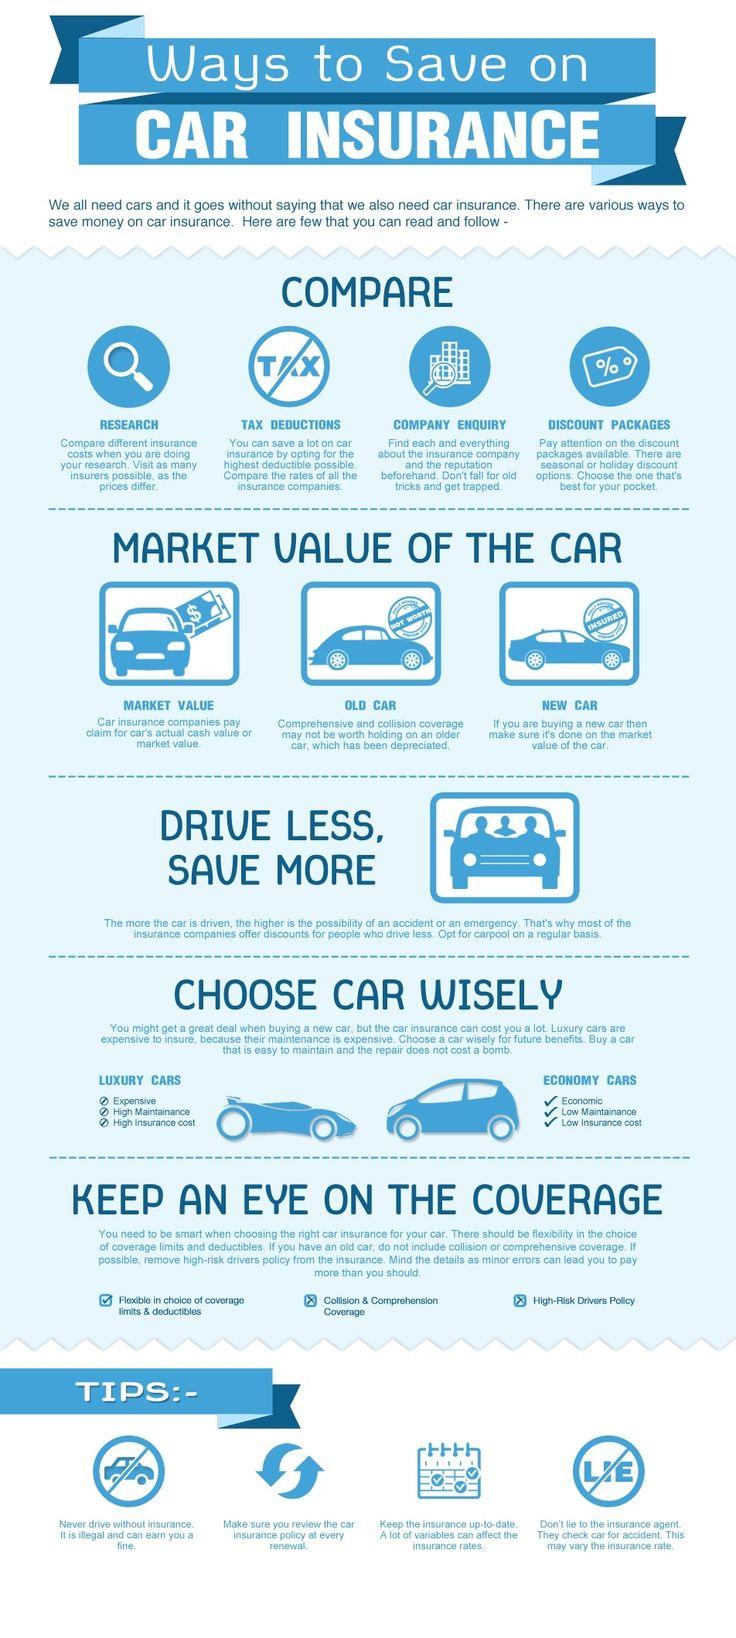 Buy or renew car insurance policies online buy car insurance policy in easy steps buy car insurancecompare